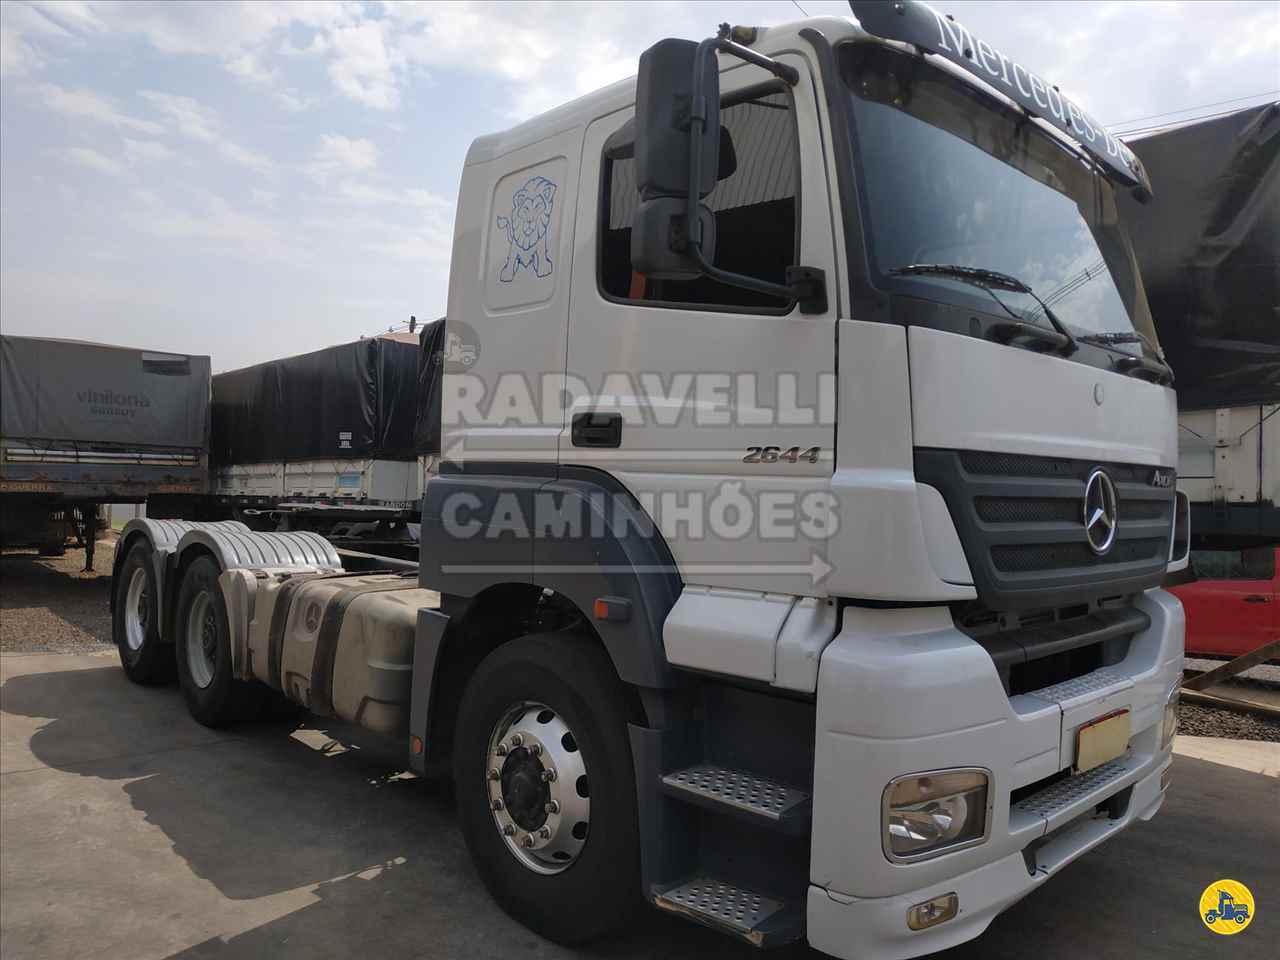 CAMINHAO MERCEDES-BENZ MB 2644 Cavalo Mecânico Traçado 6x4 Radavelli Caminhões MATAO SÃO PAULO SP